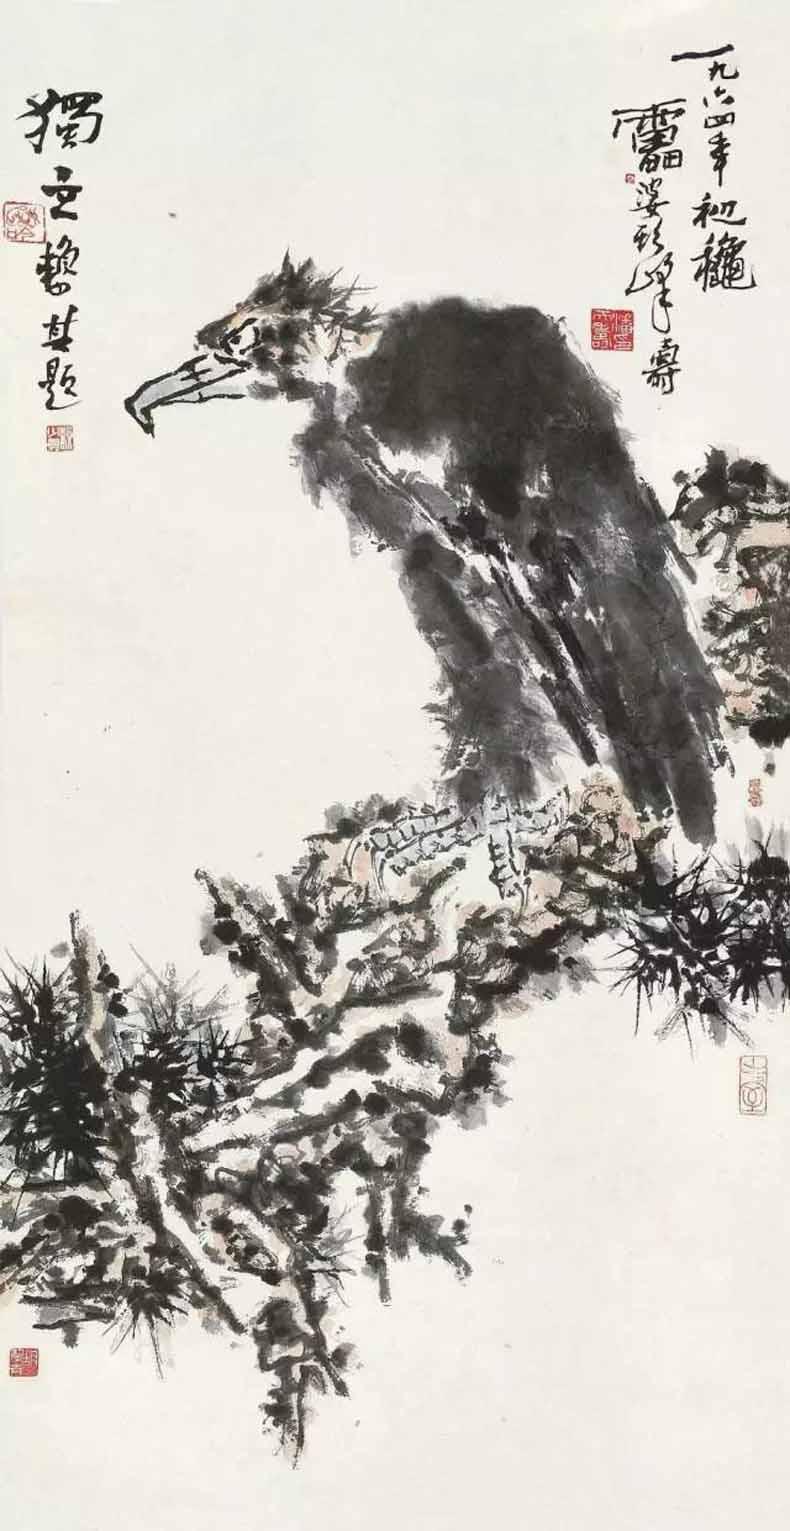 潘天寿 1964年作 松鹰图